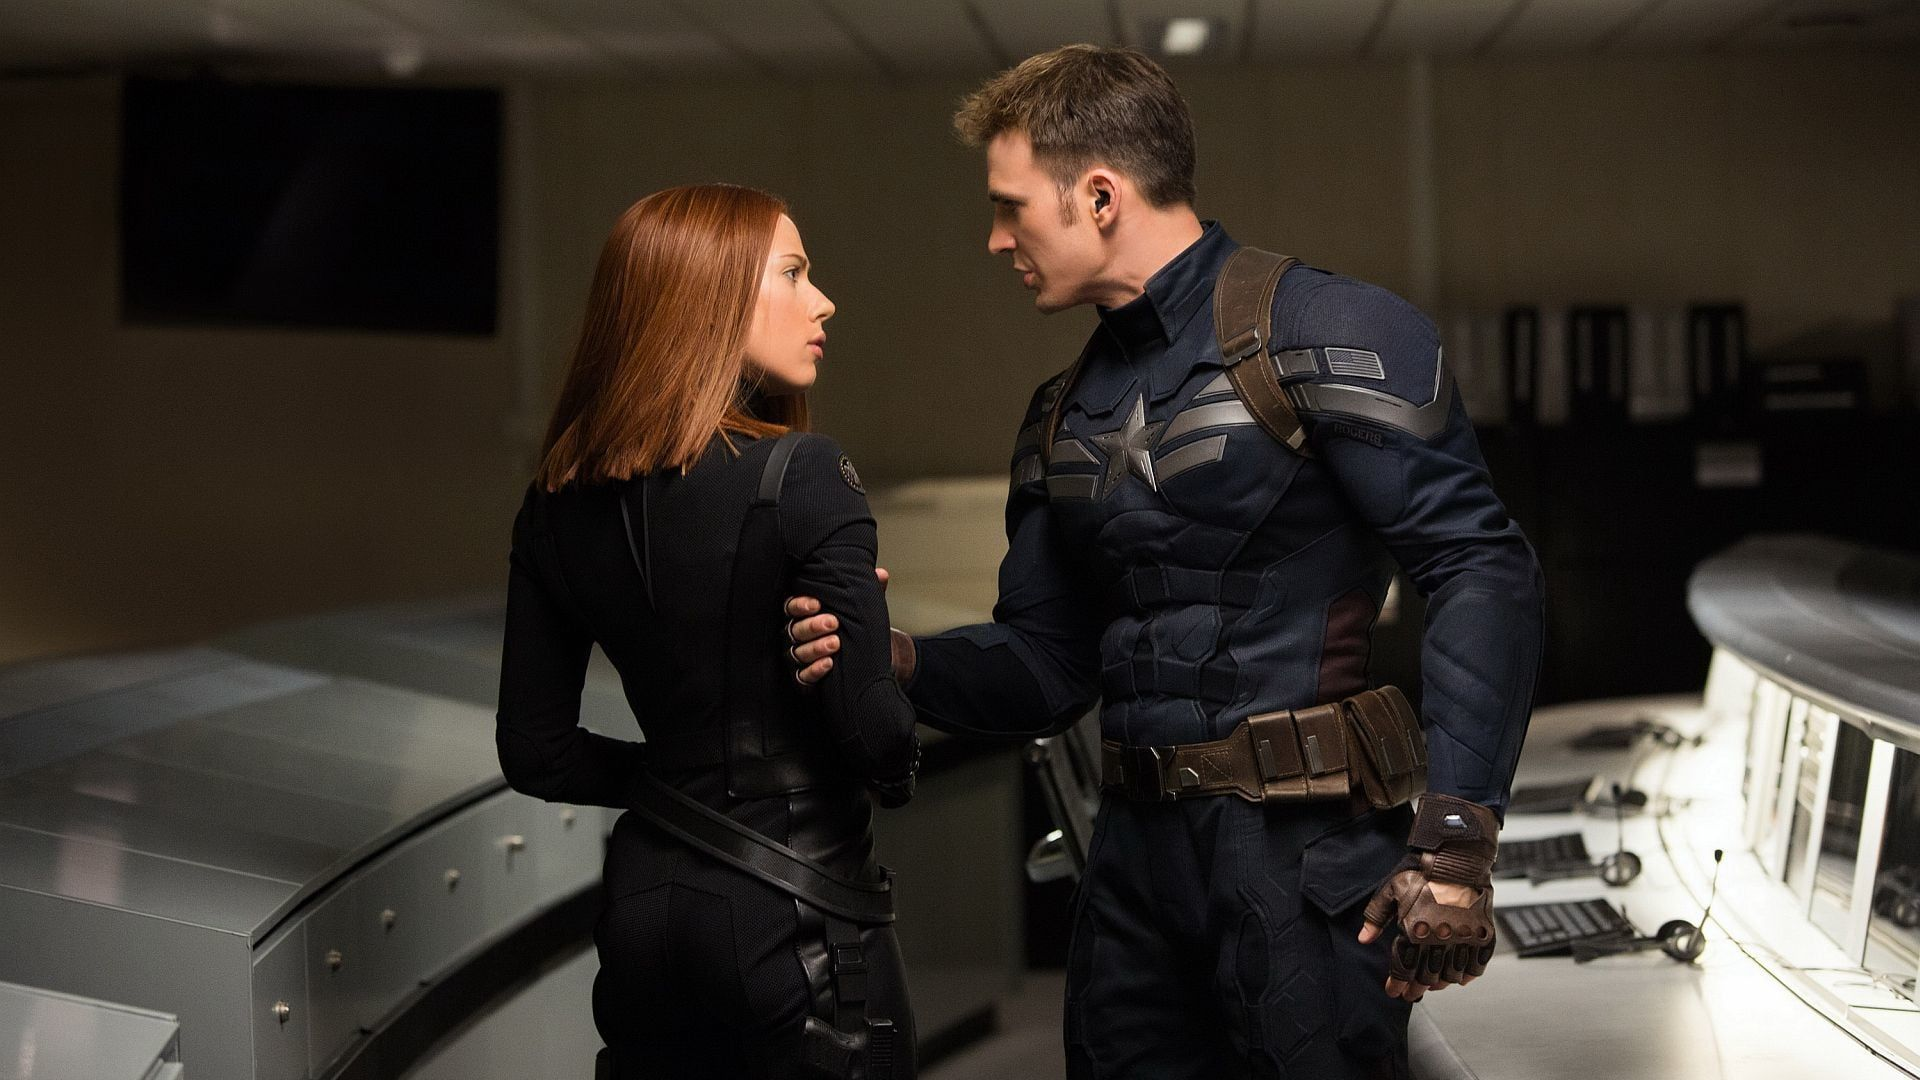 Guardare Captain America The Winter Soldier 2014 Cb01 Completo Italiano Altadefinizi Captain America Winter Soldier Chris Evans Captain America Winter Soldier